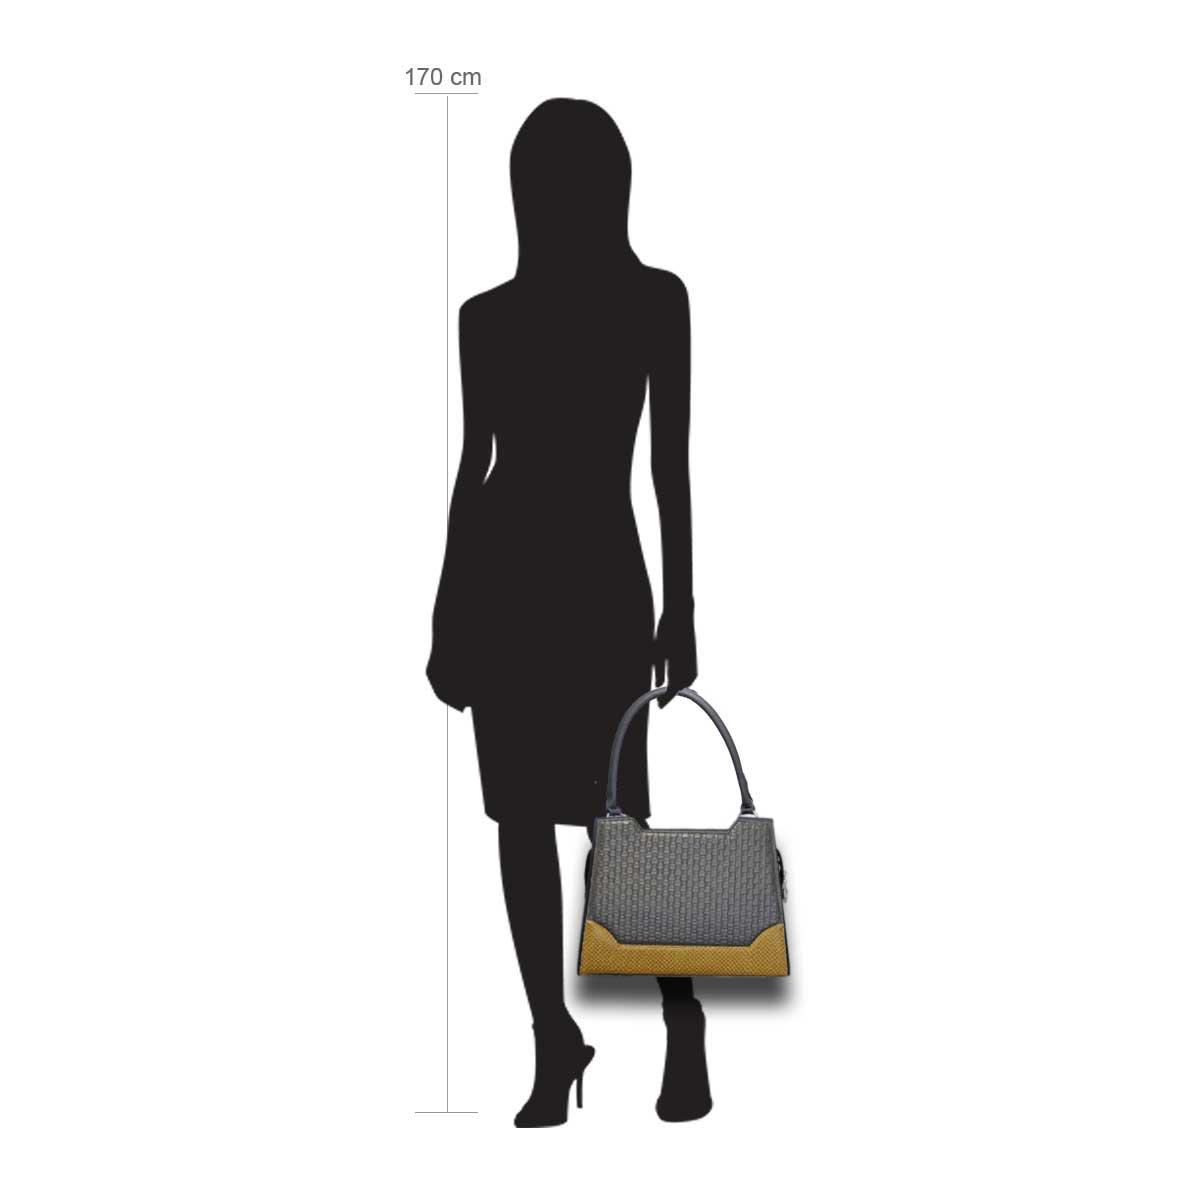 Delieta Puppe  170 cm groß mit Handtasche Modell:Brüssel gelb